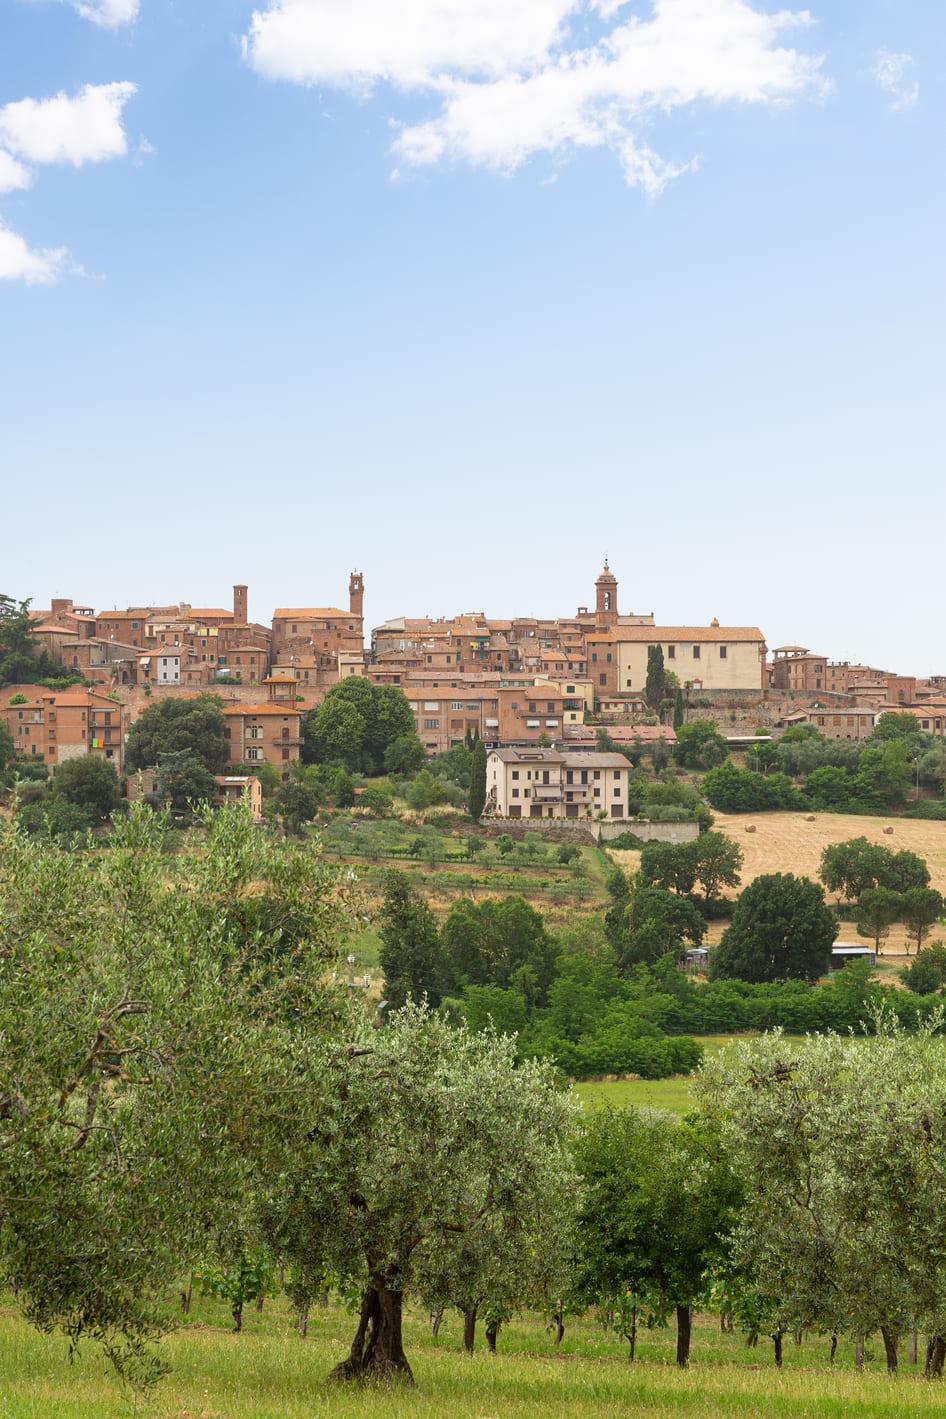 Torrita di Siena, sentinella dell'estate